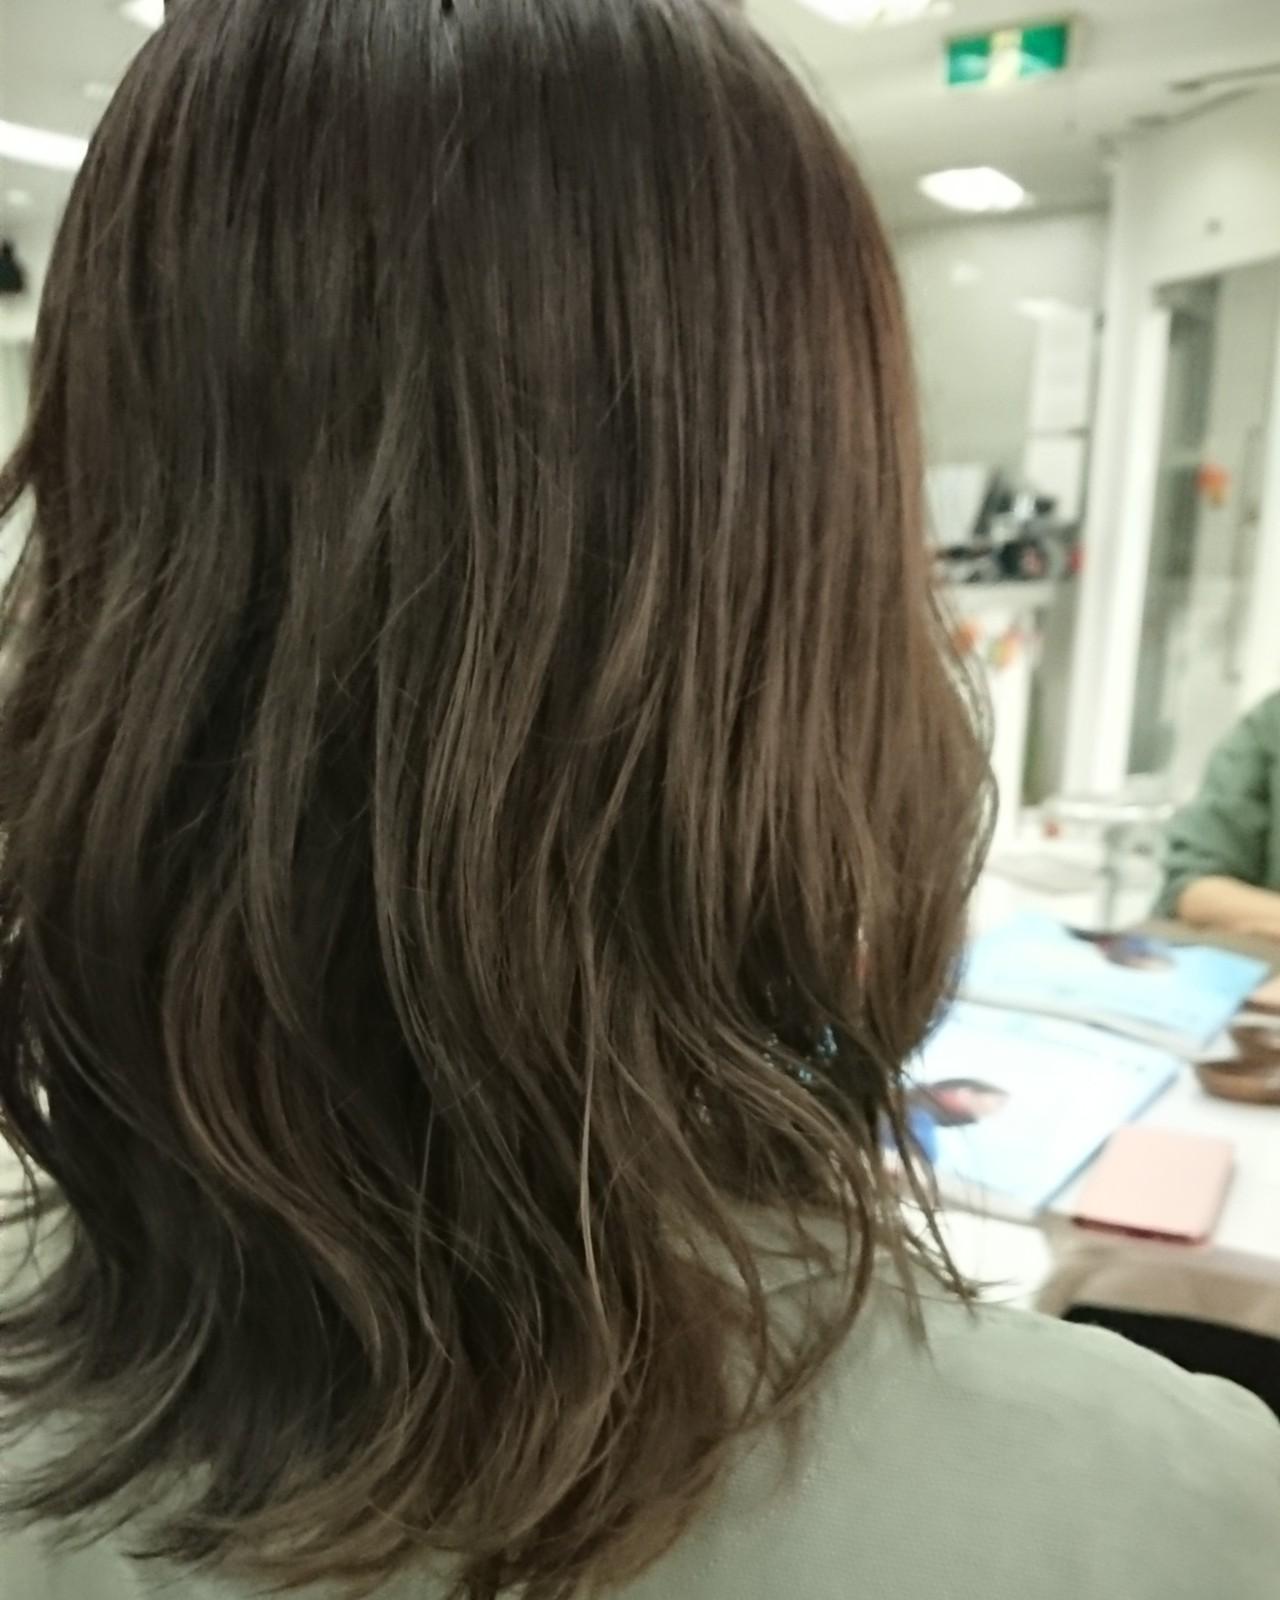 ママヘア ミディアム ナチュラル カーキ ヘアスタイルや髪型の写真・画像